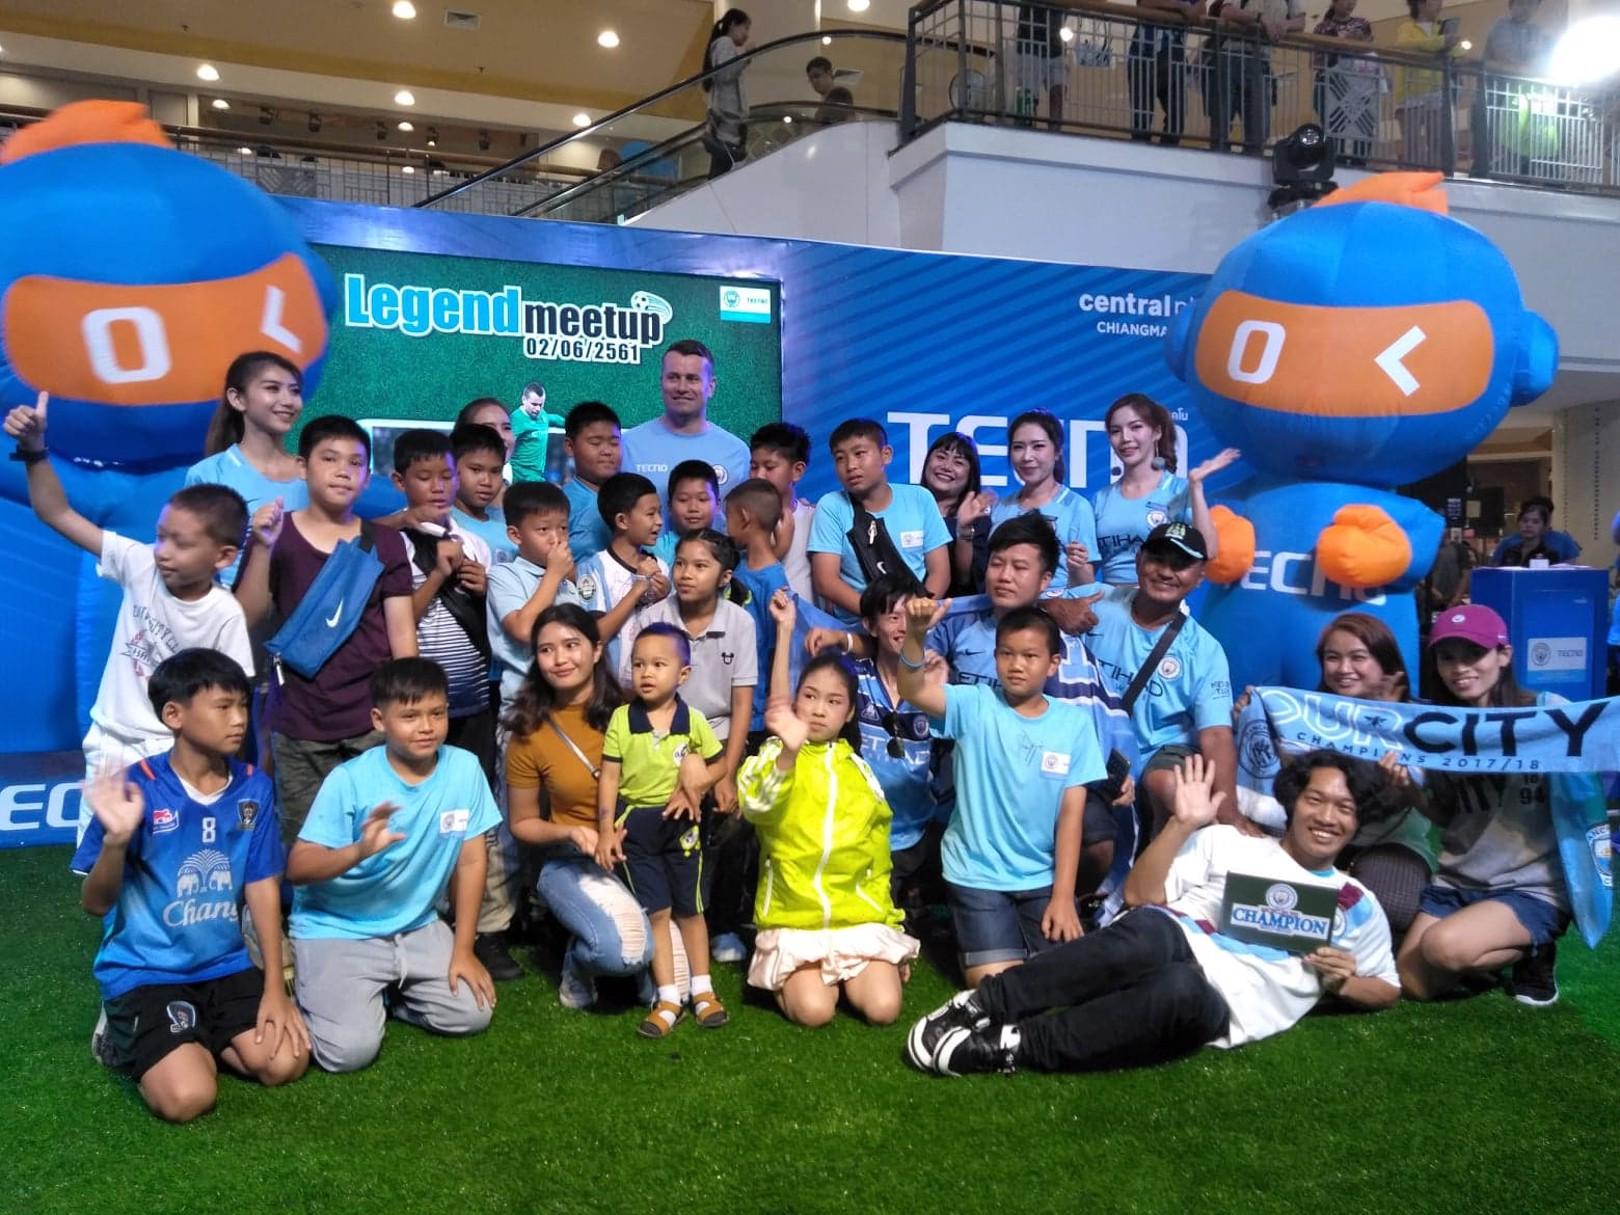 แฟนบอลชาวไทยได้ไปร่วมงาน Meet & Greet กับเชย์ กีฟเว่น นักเตะตำนานของสโมสรแมนเชสเตอร์ ซิตี้ ที่จังหวัดเชียงใหม่